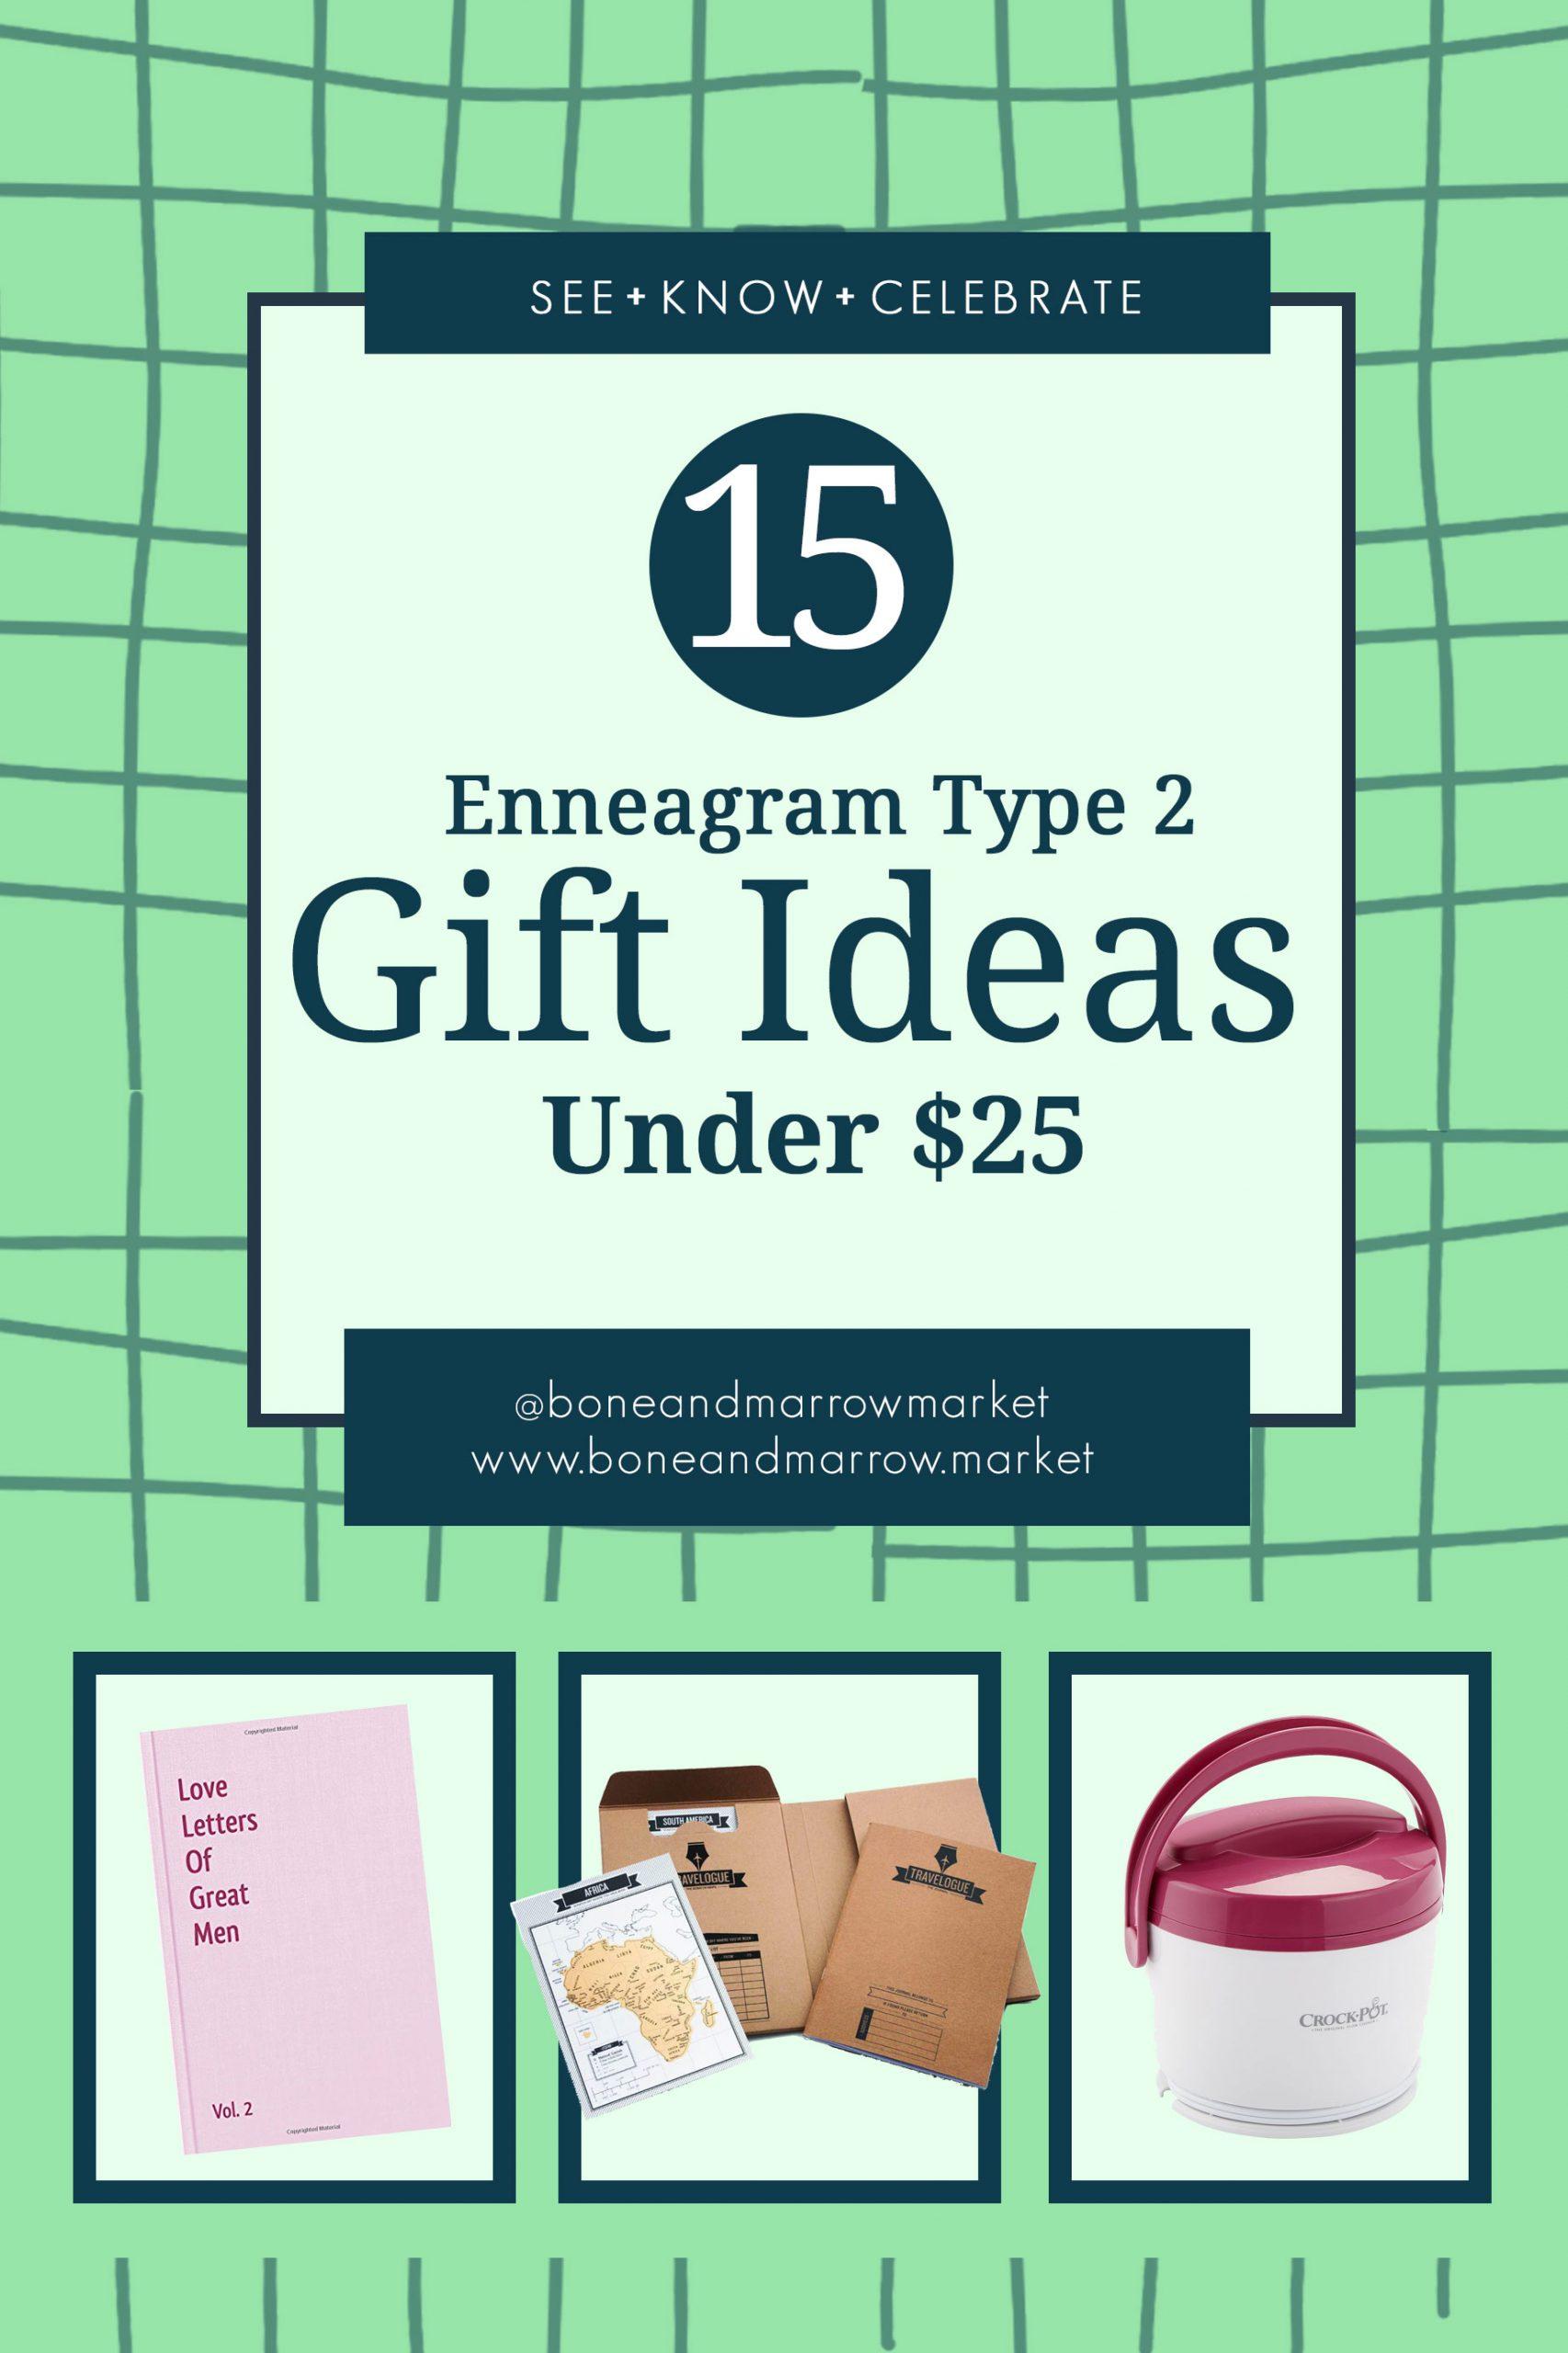 Enneagram Type 2 Gifts Ideas Under $25